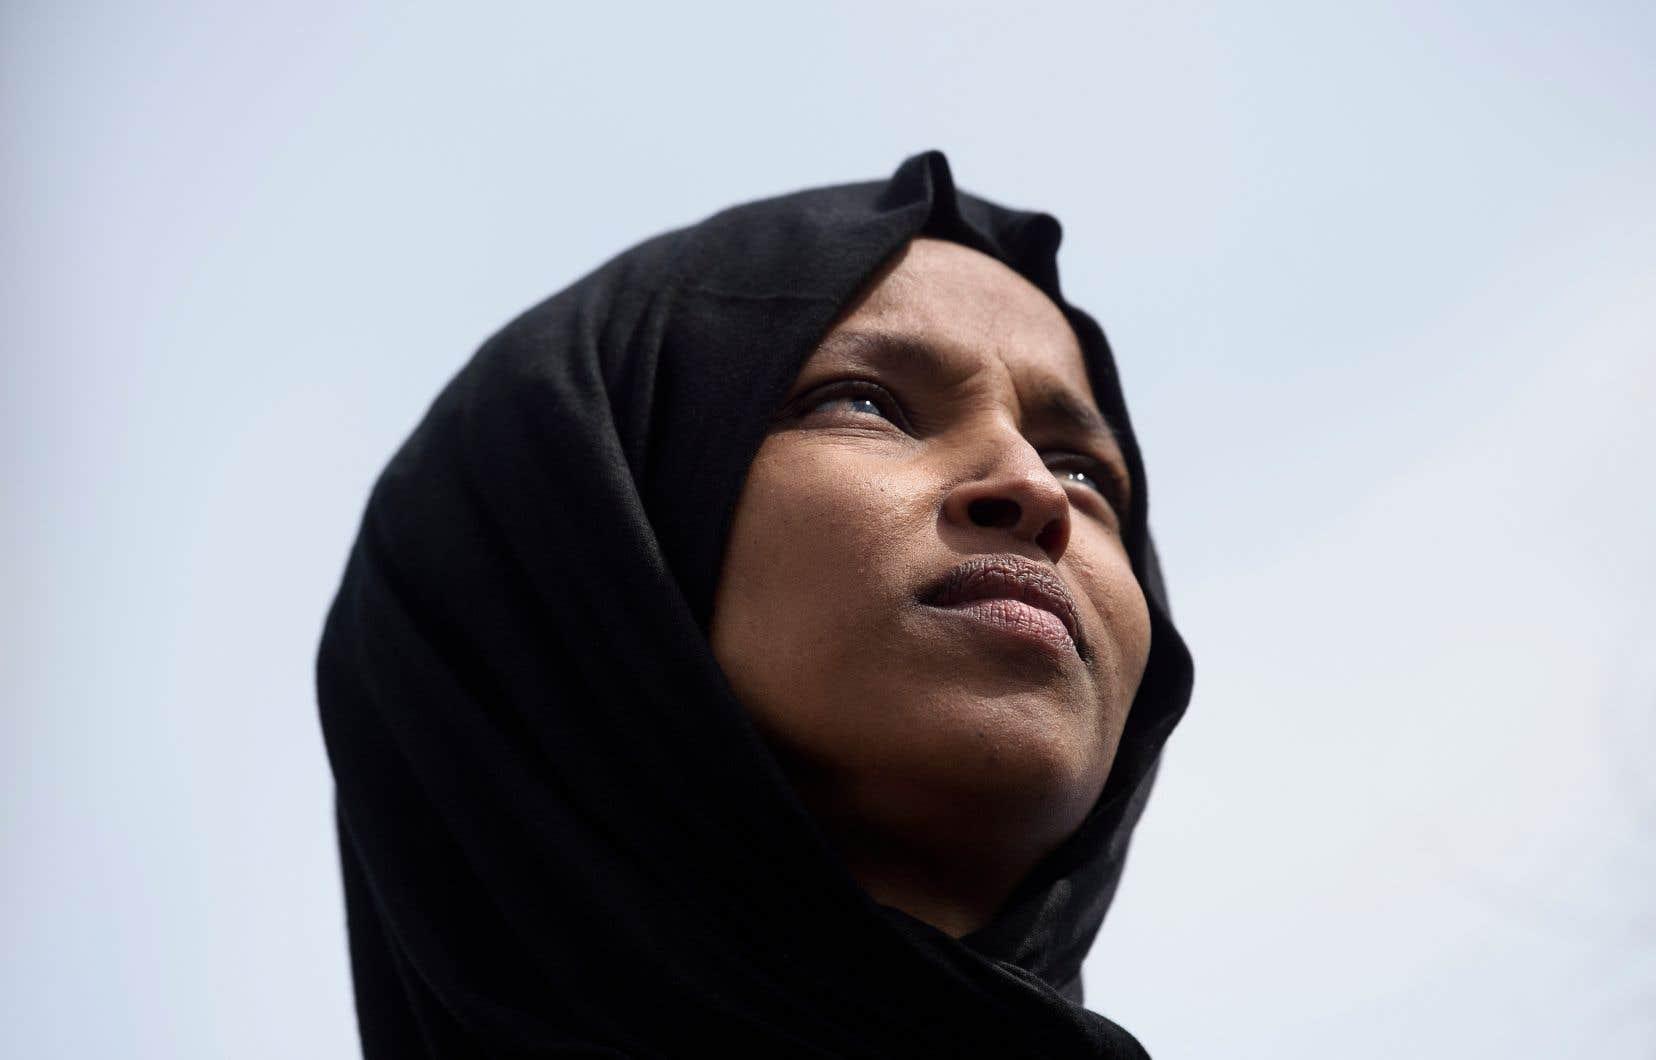 Donald Trump avait publié vendredi sur Twitter une vidéo associant des propos tenus par Ilhan Omar, l'une des deux premières femmes musulmanes élues au Congrès, aux images des tours jumelles de New York en feu.